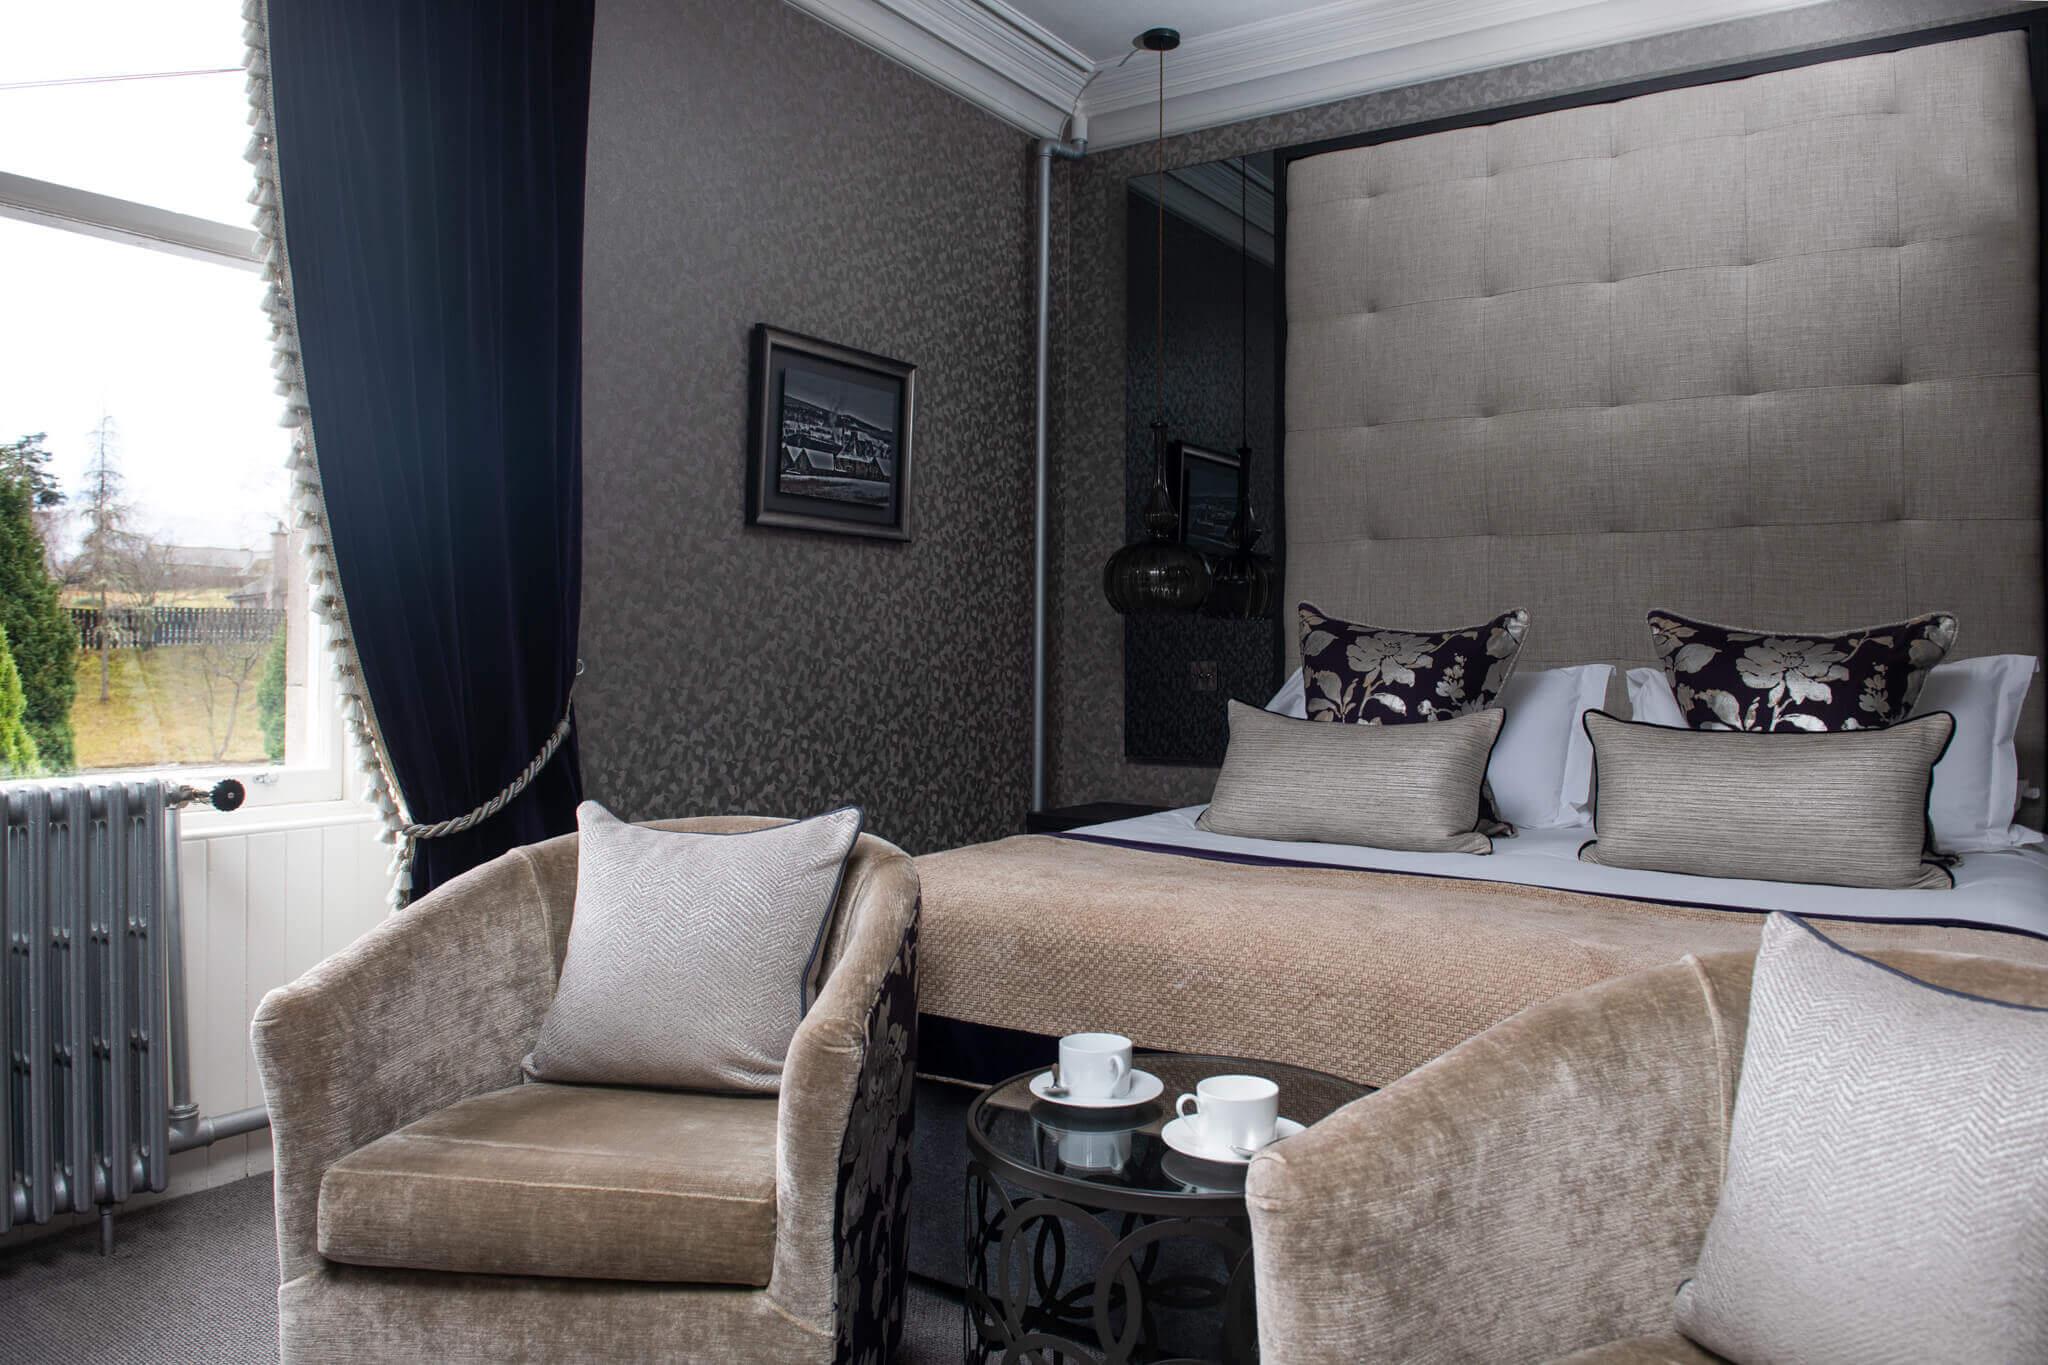 dowans_hotel-ryanjohnstonco-45